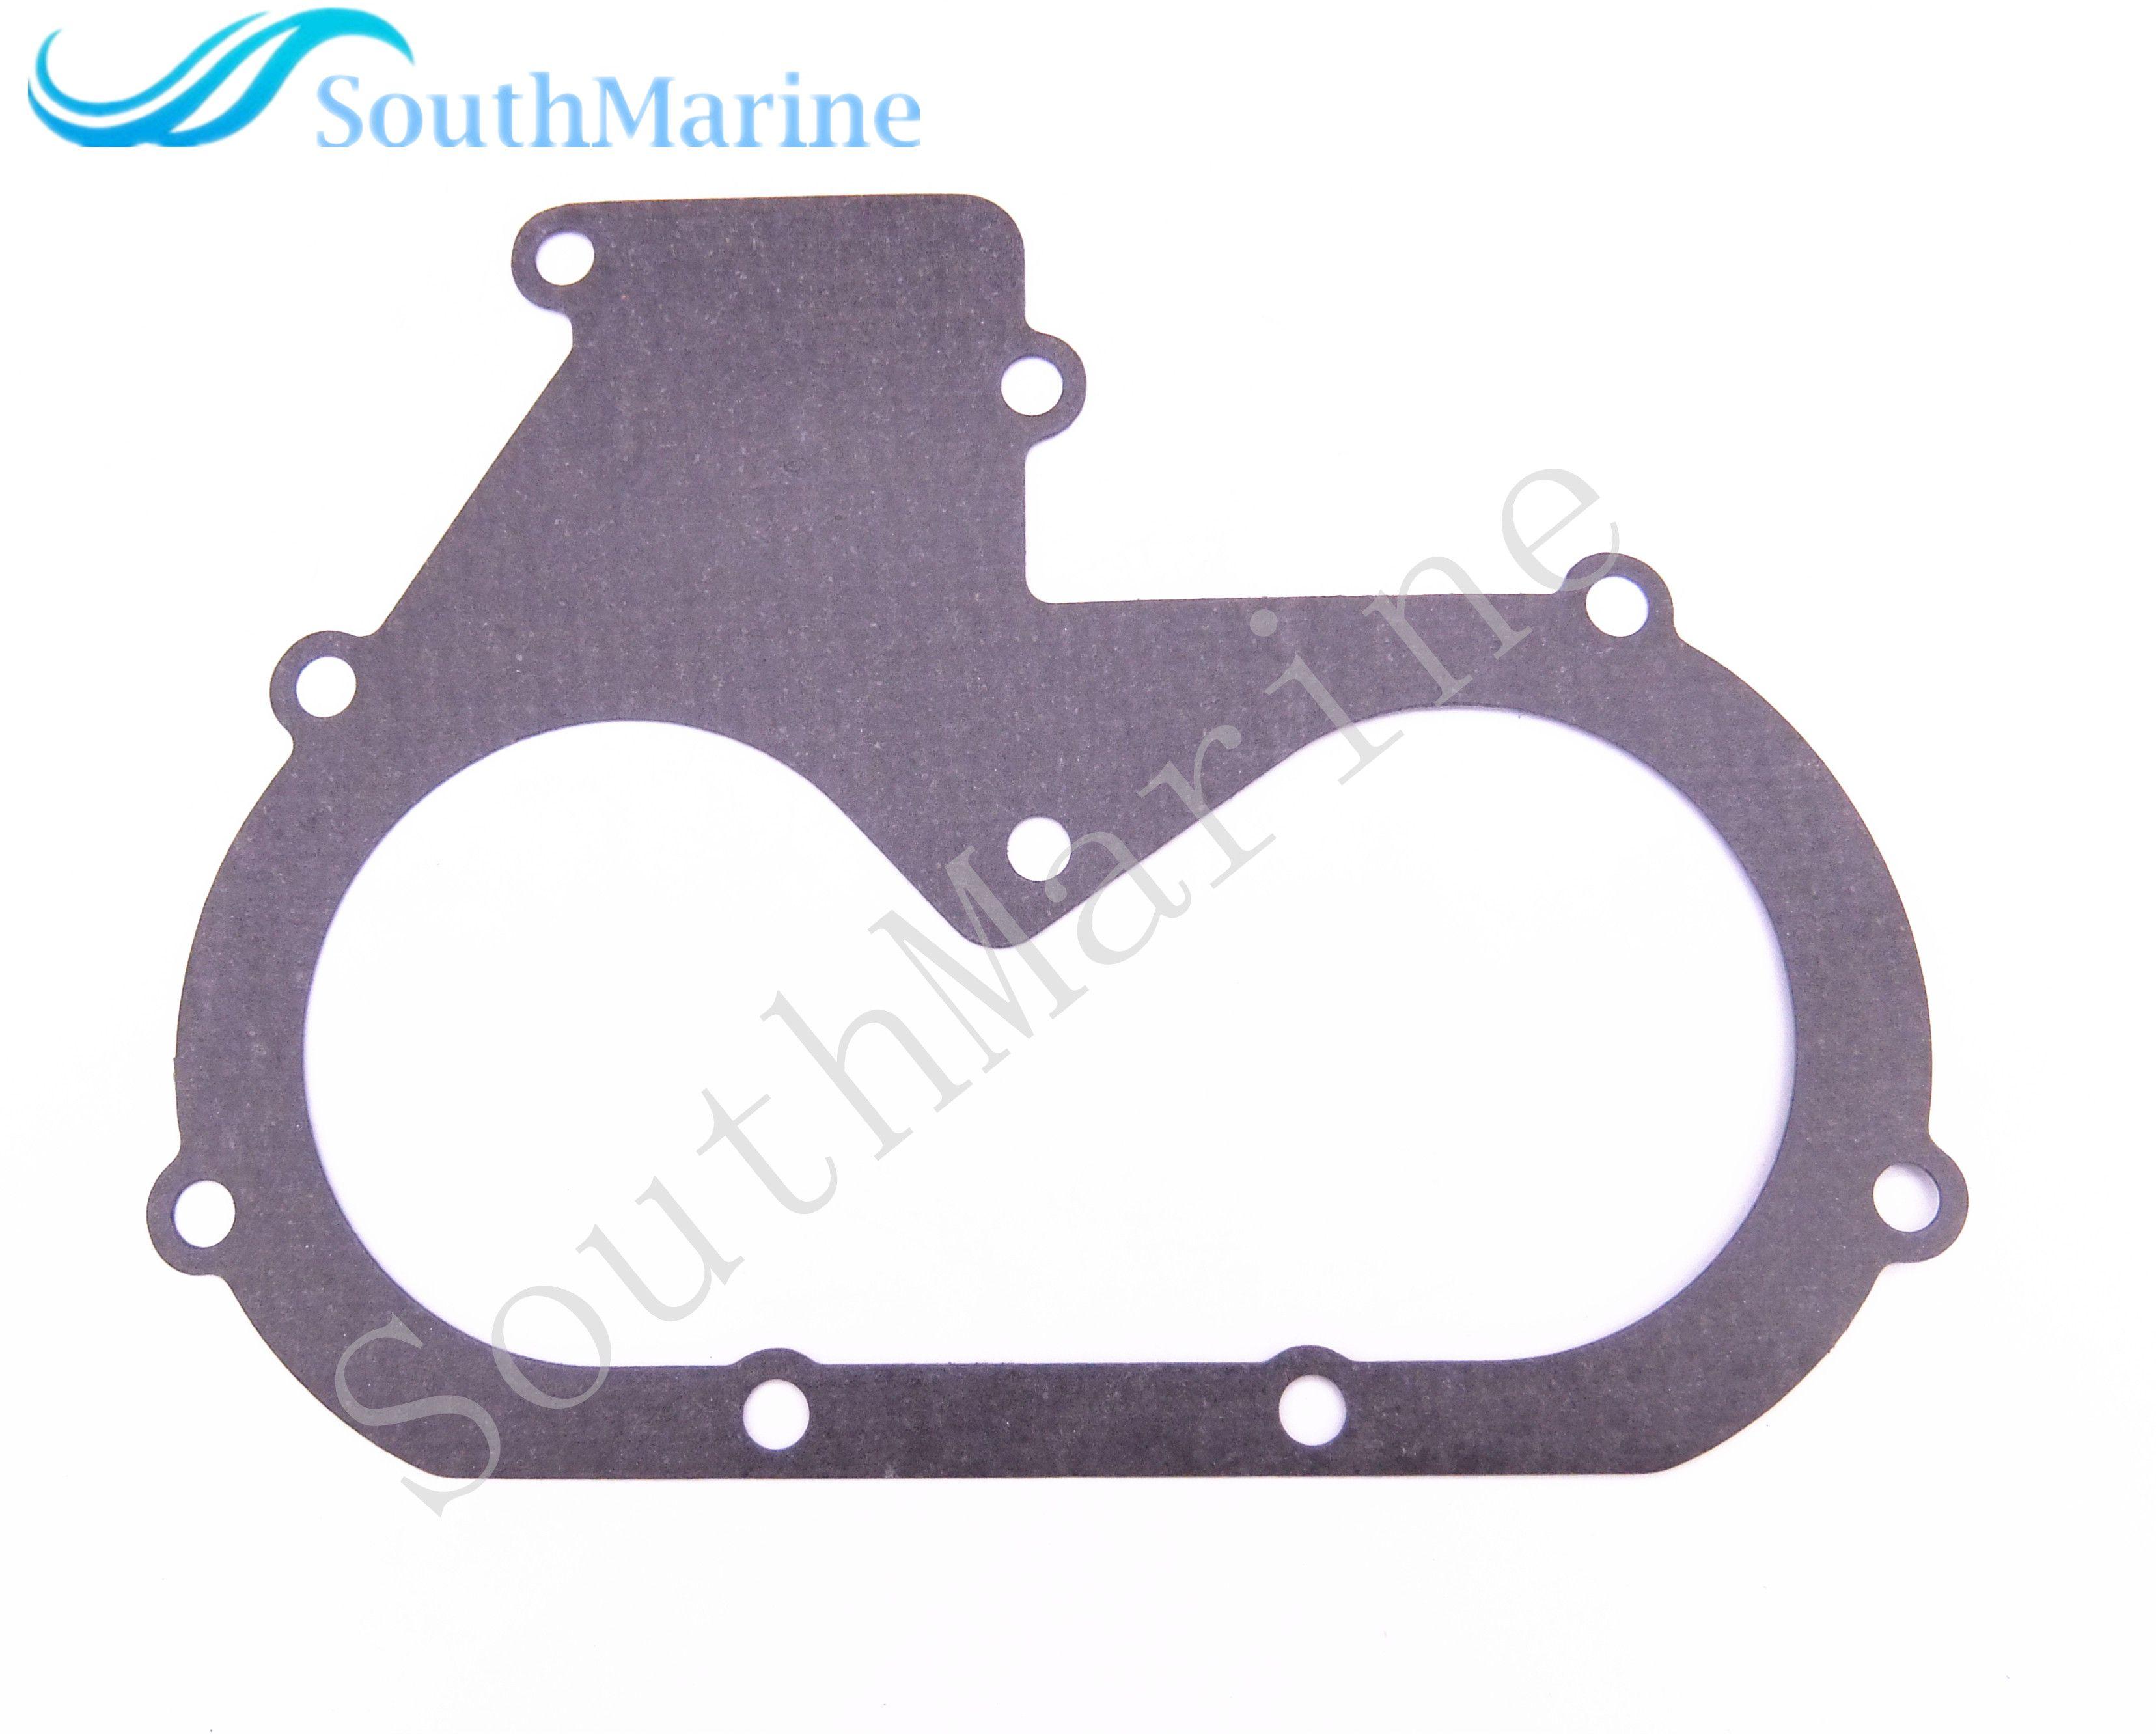 Boat Motor T2006000013 Intake Valve Seat Gasket for